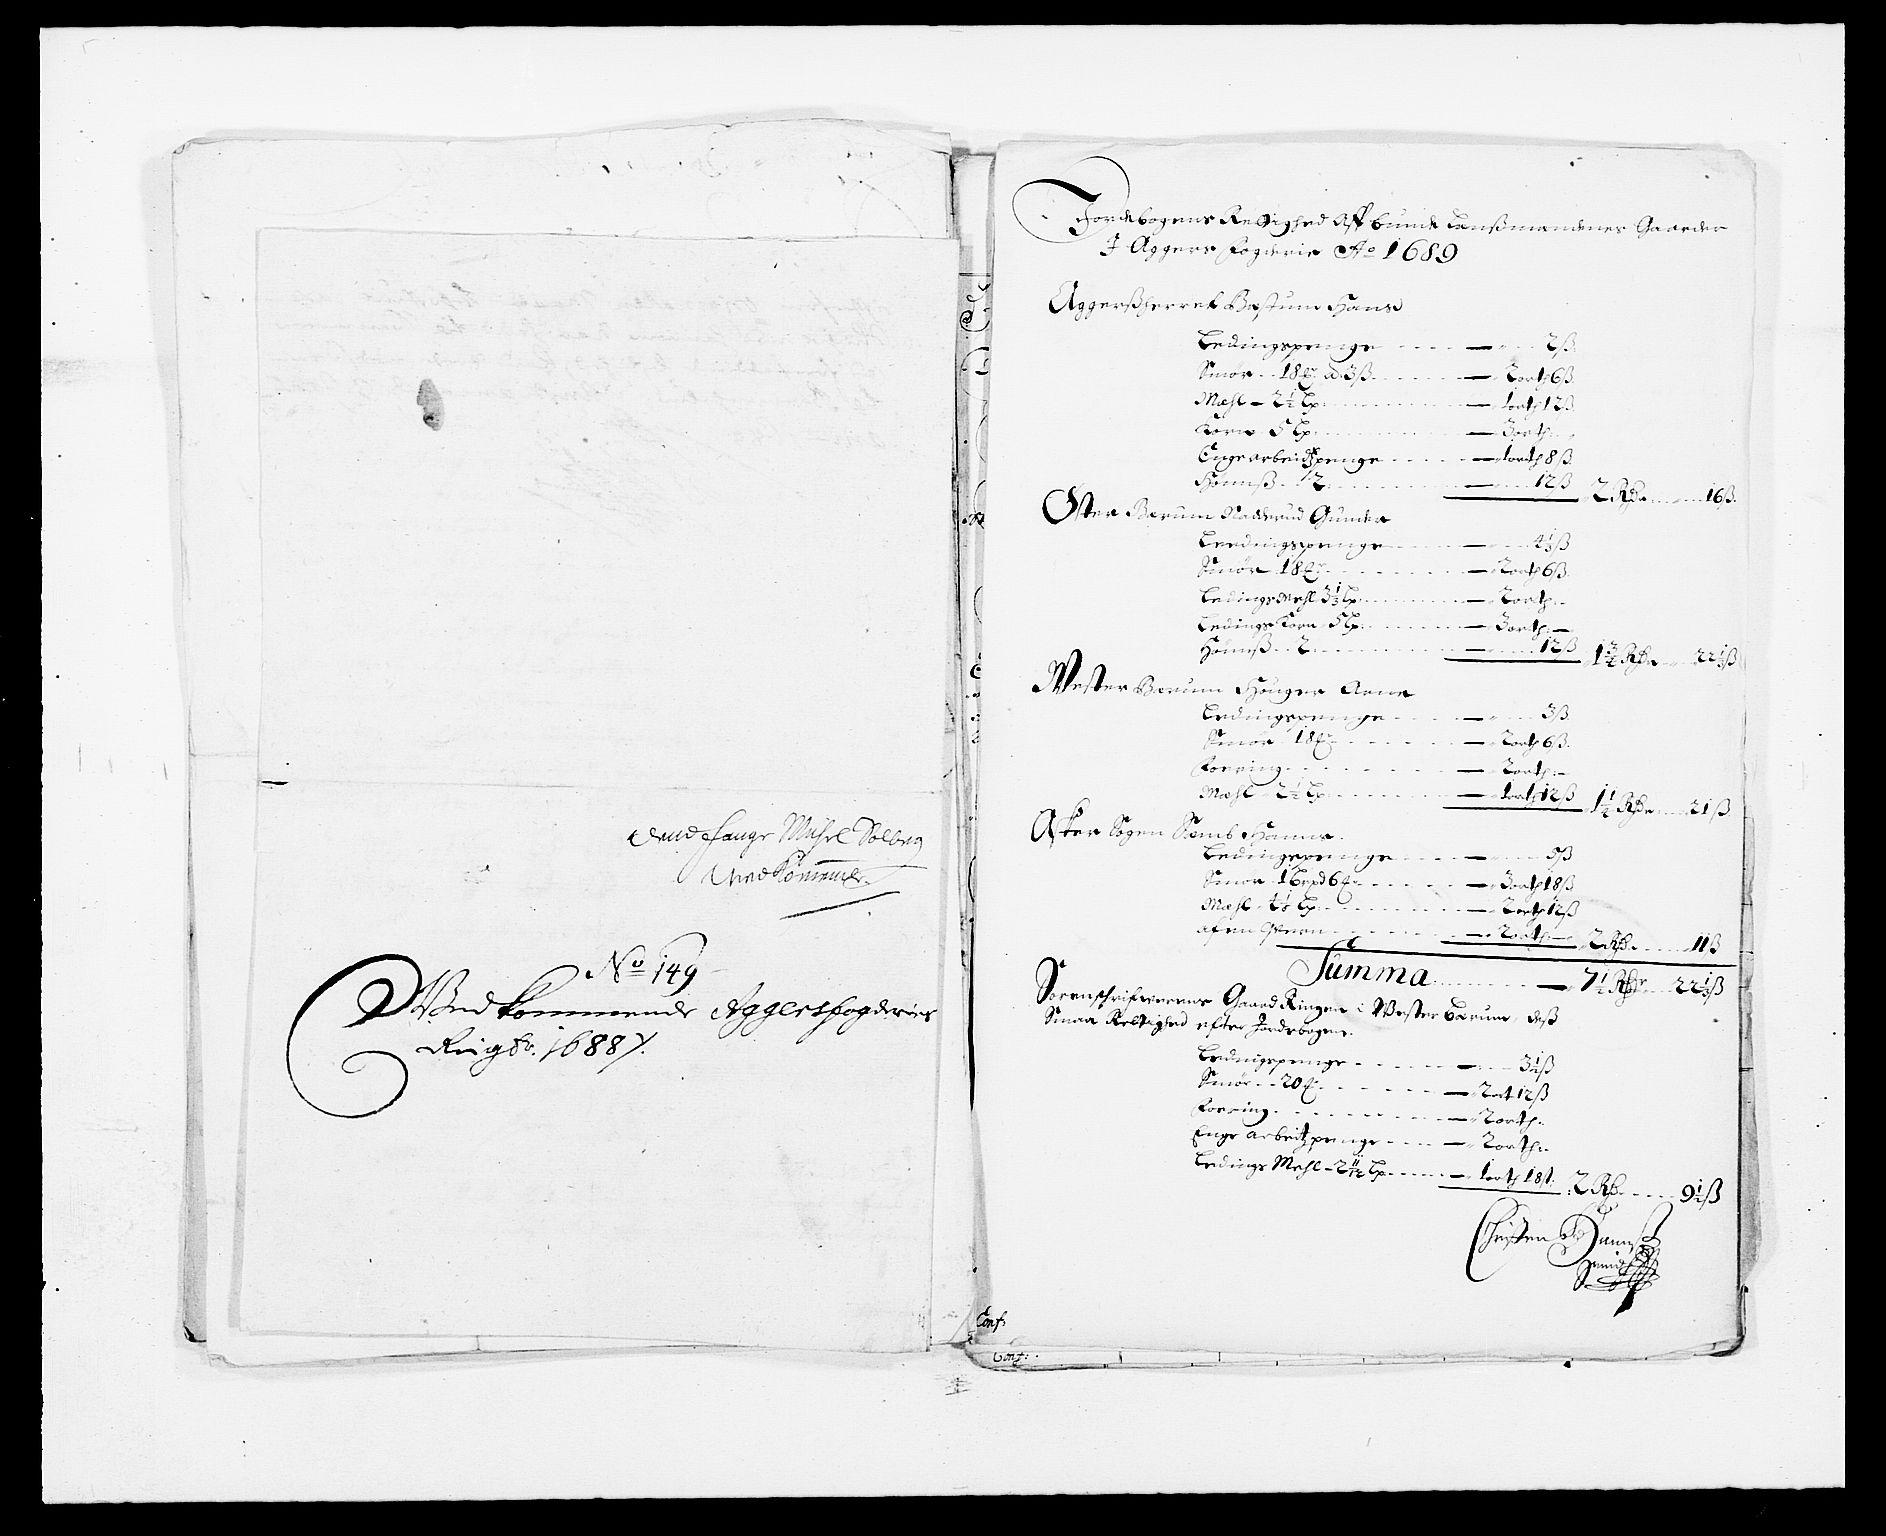 RA, Rentekammeret inntil 1814, Reviderte regnskaper, Fogderegnskap, R08/L0424: Fogderegnskap Aker, 1682-1689, s. 281